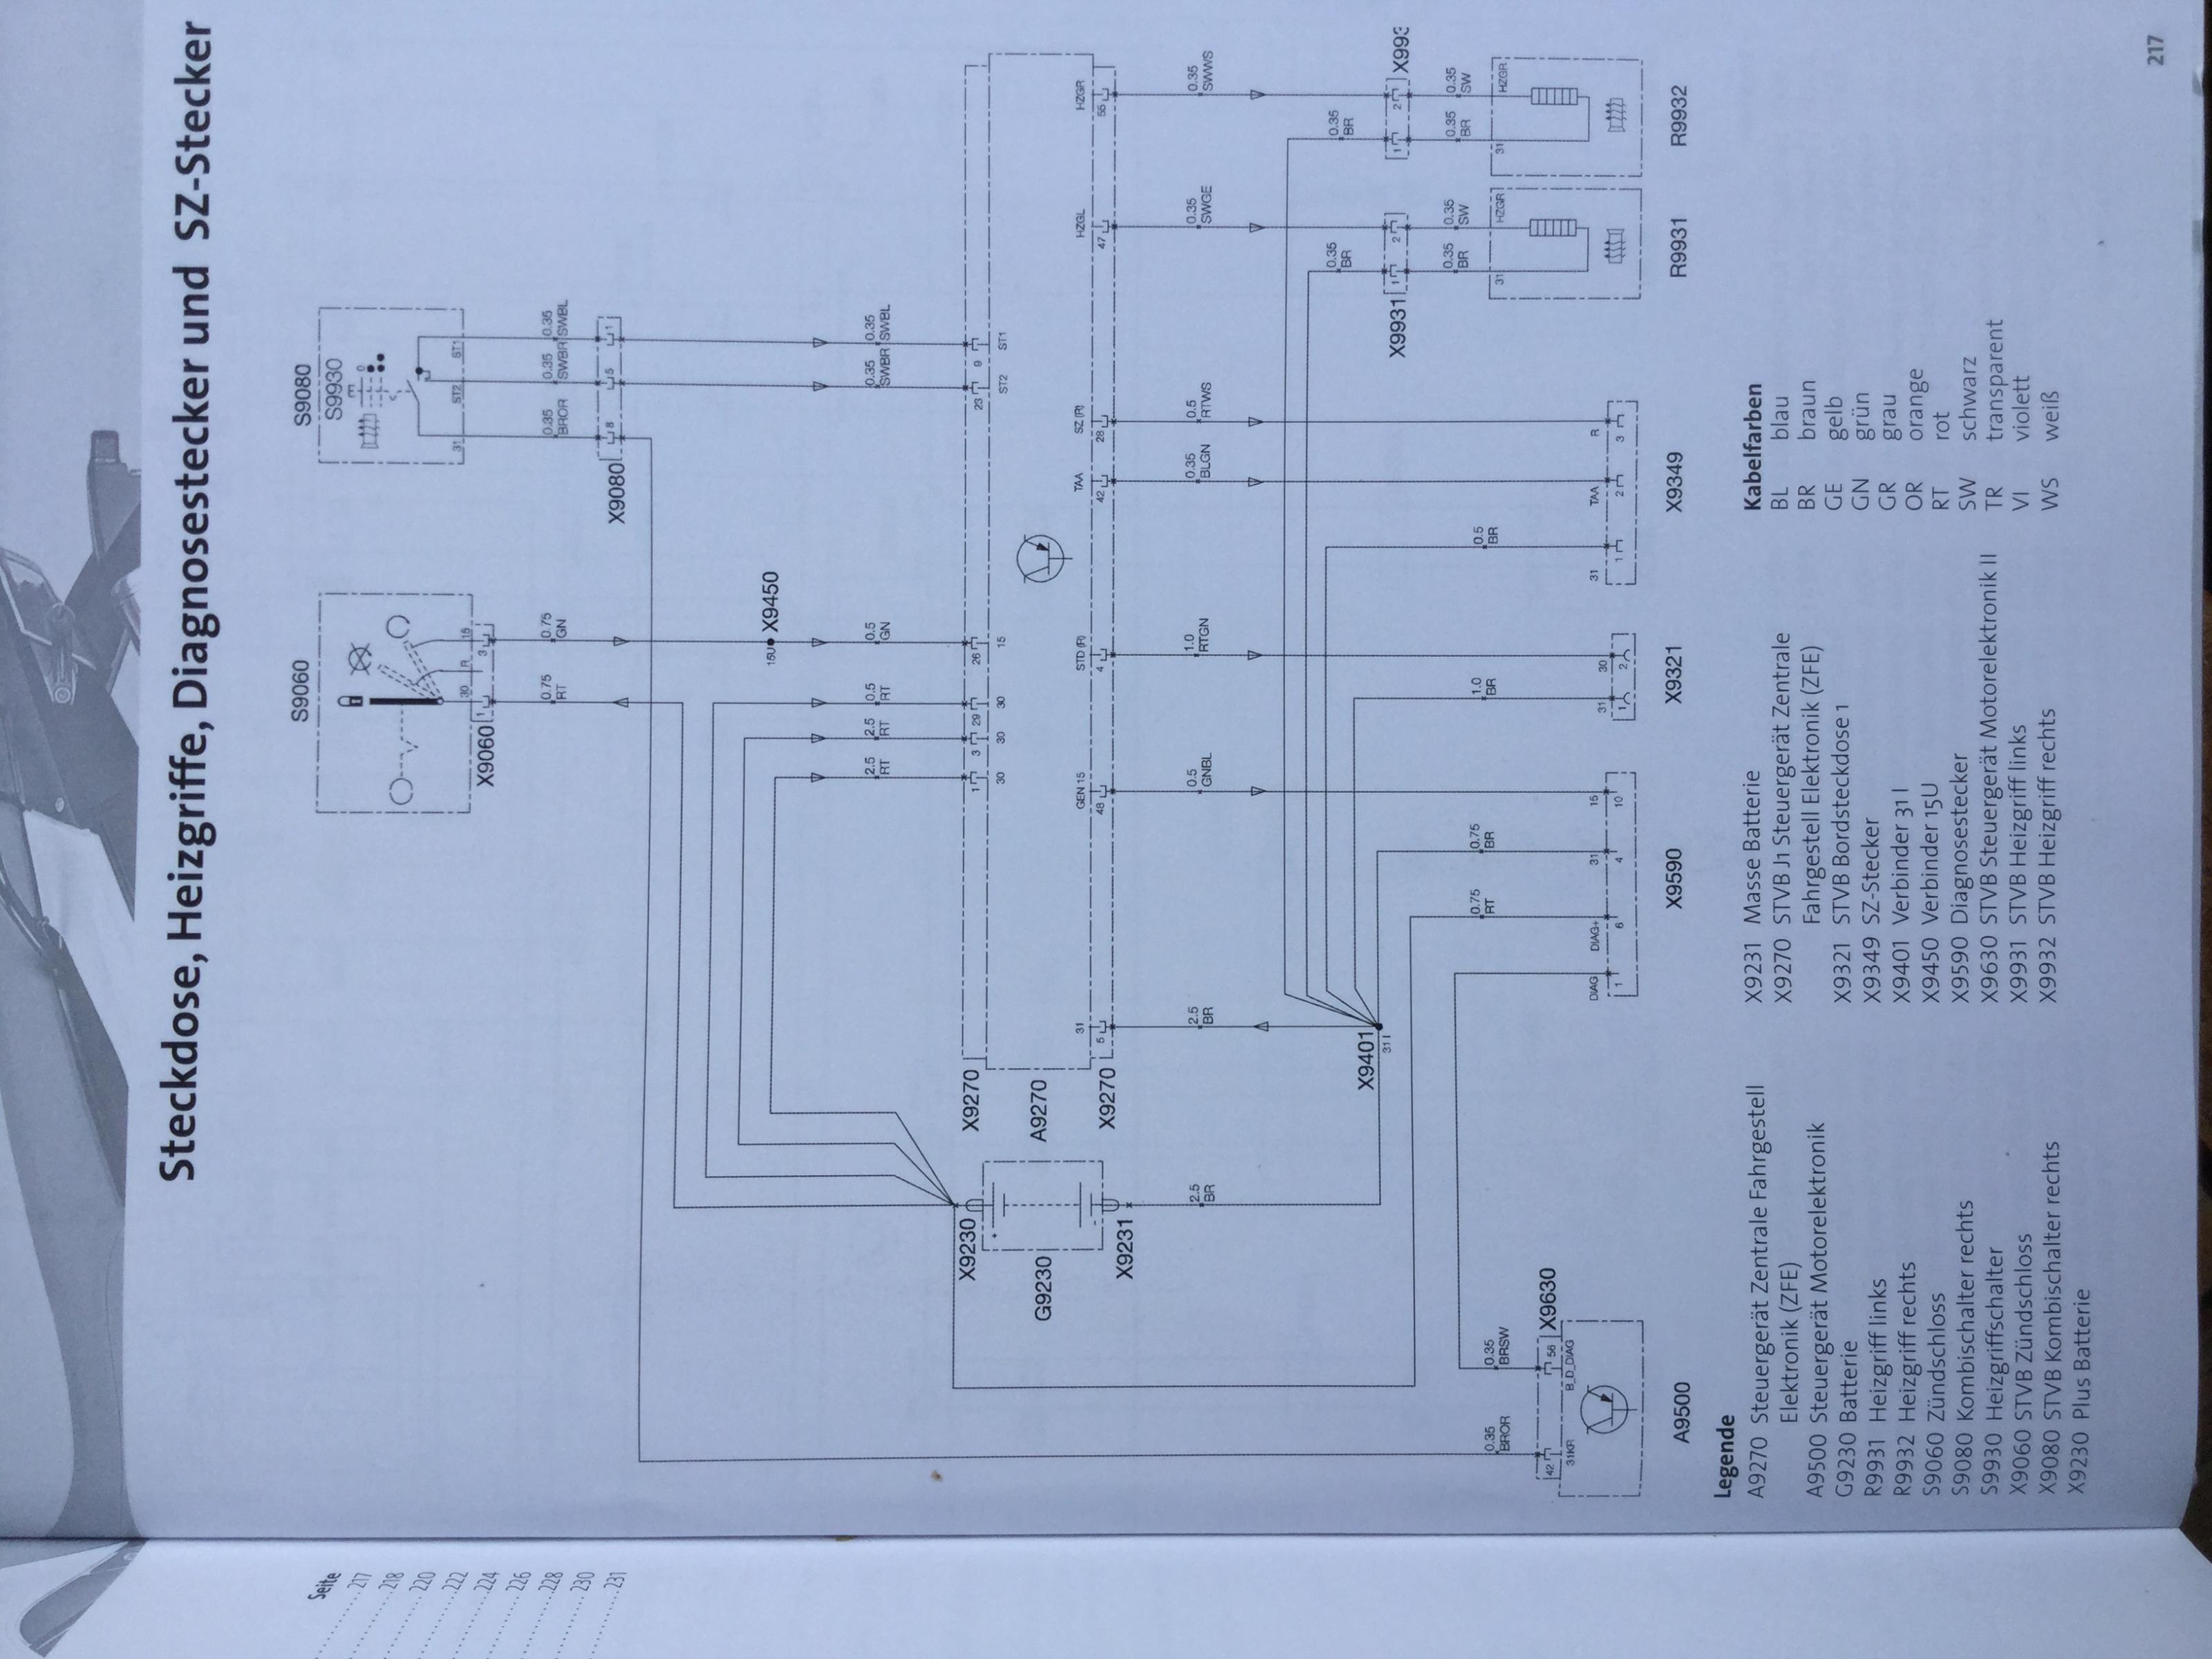 Heizgriffe funktionieren nicht, suche Schaltplan von 650 GS Bj 02